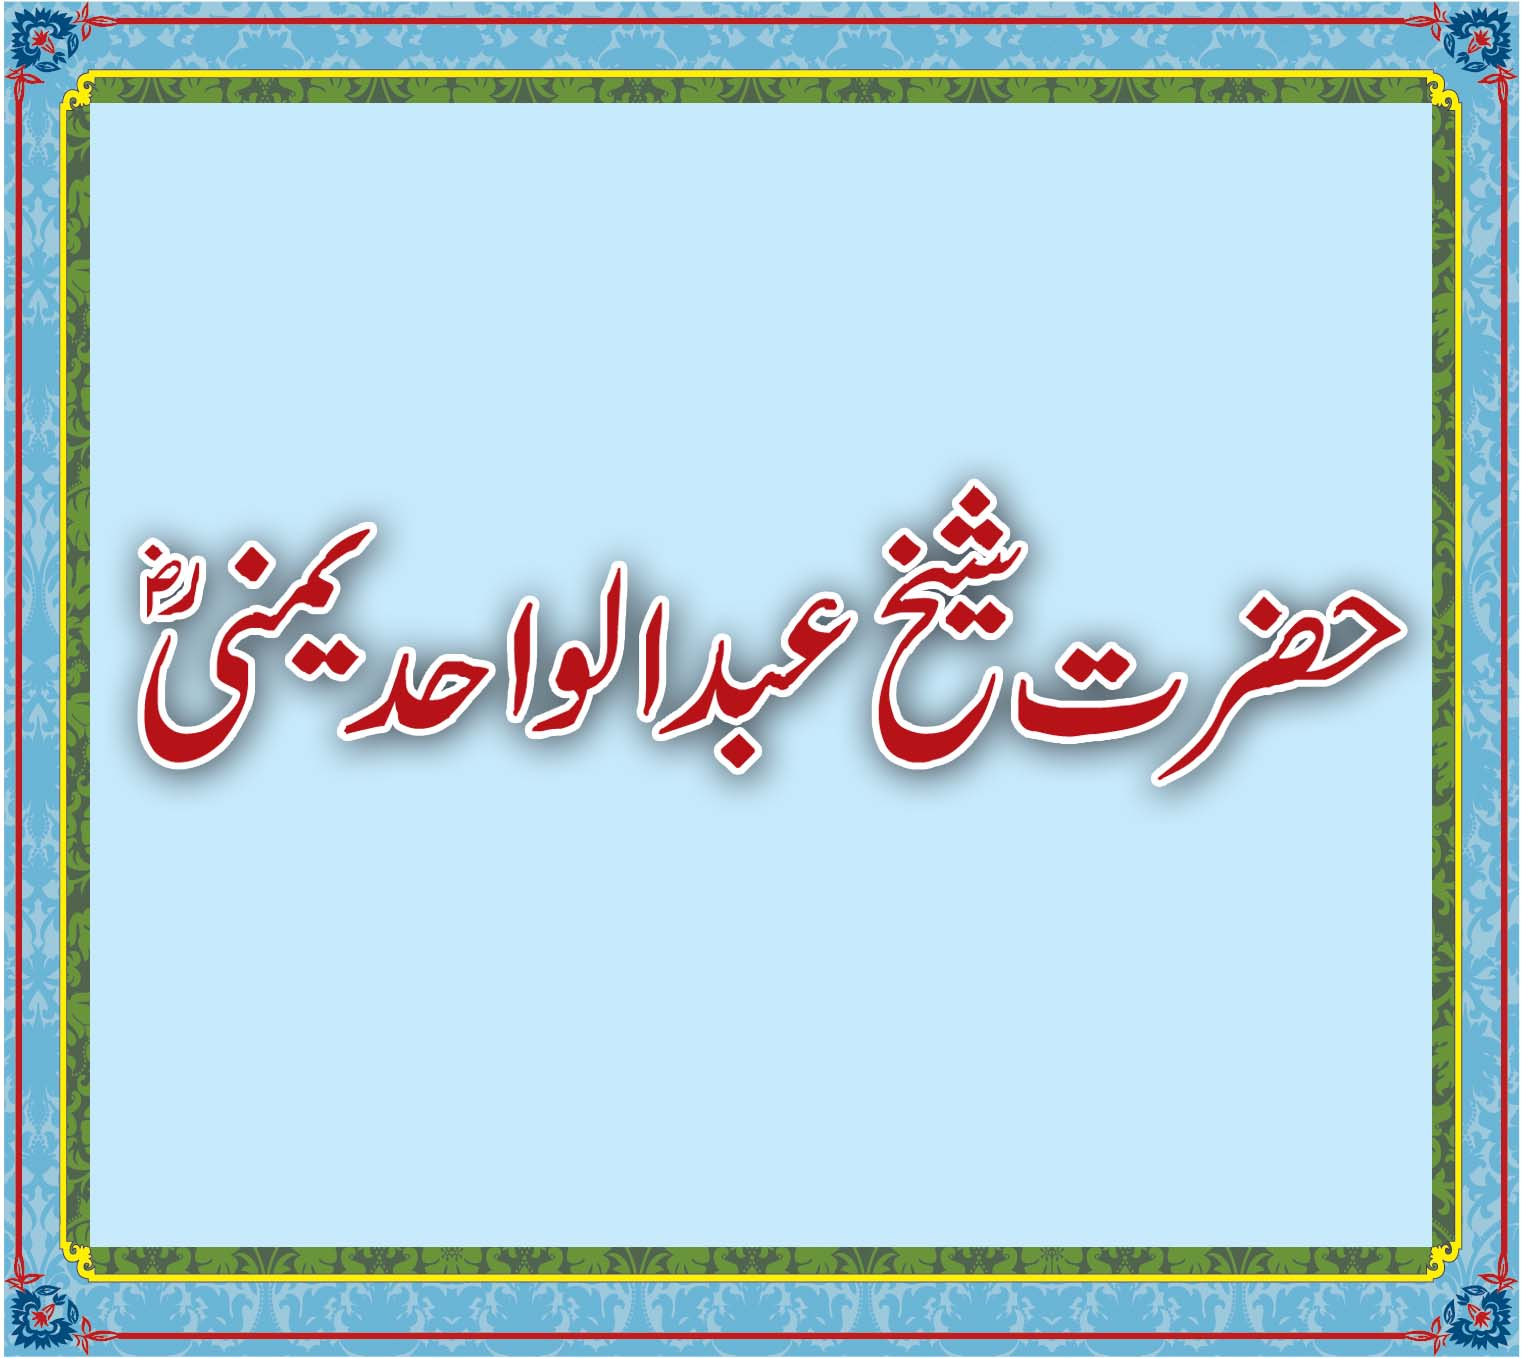 abdul wahid yamni